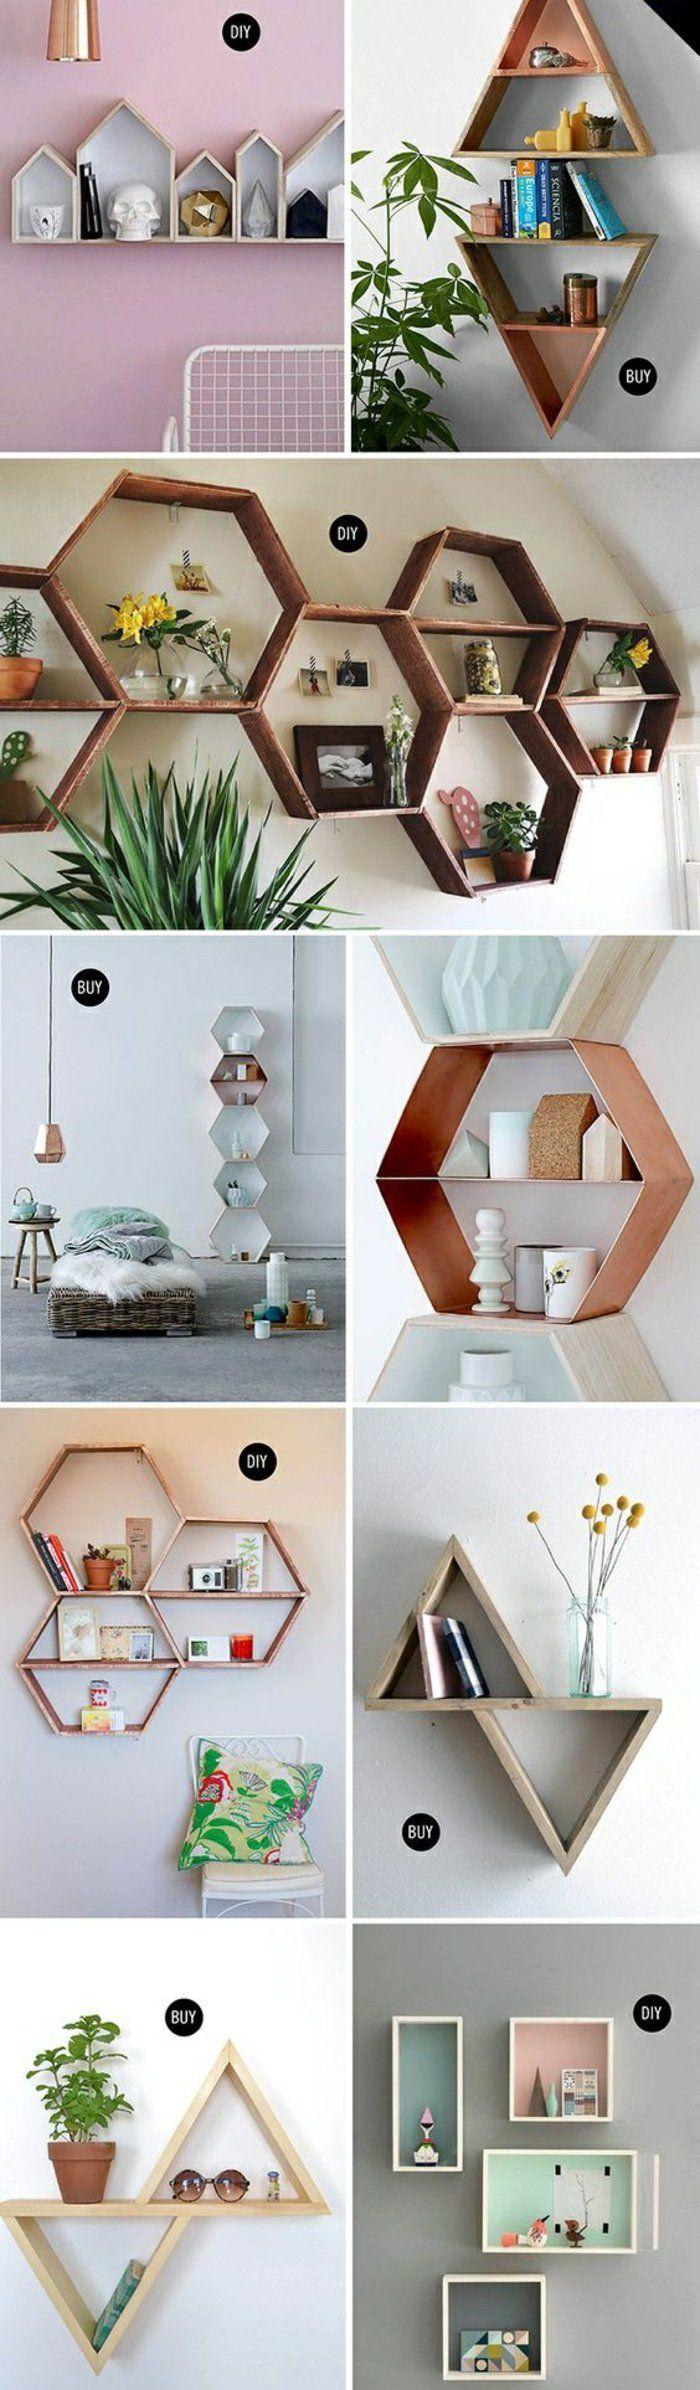 ▷ 1001+ Ideen und Inspirationen für ein DIY Wandregal #wohnzimmerideenwandgestaltung